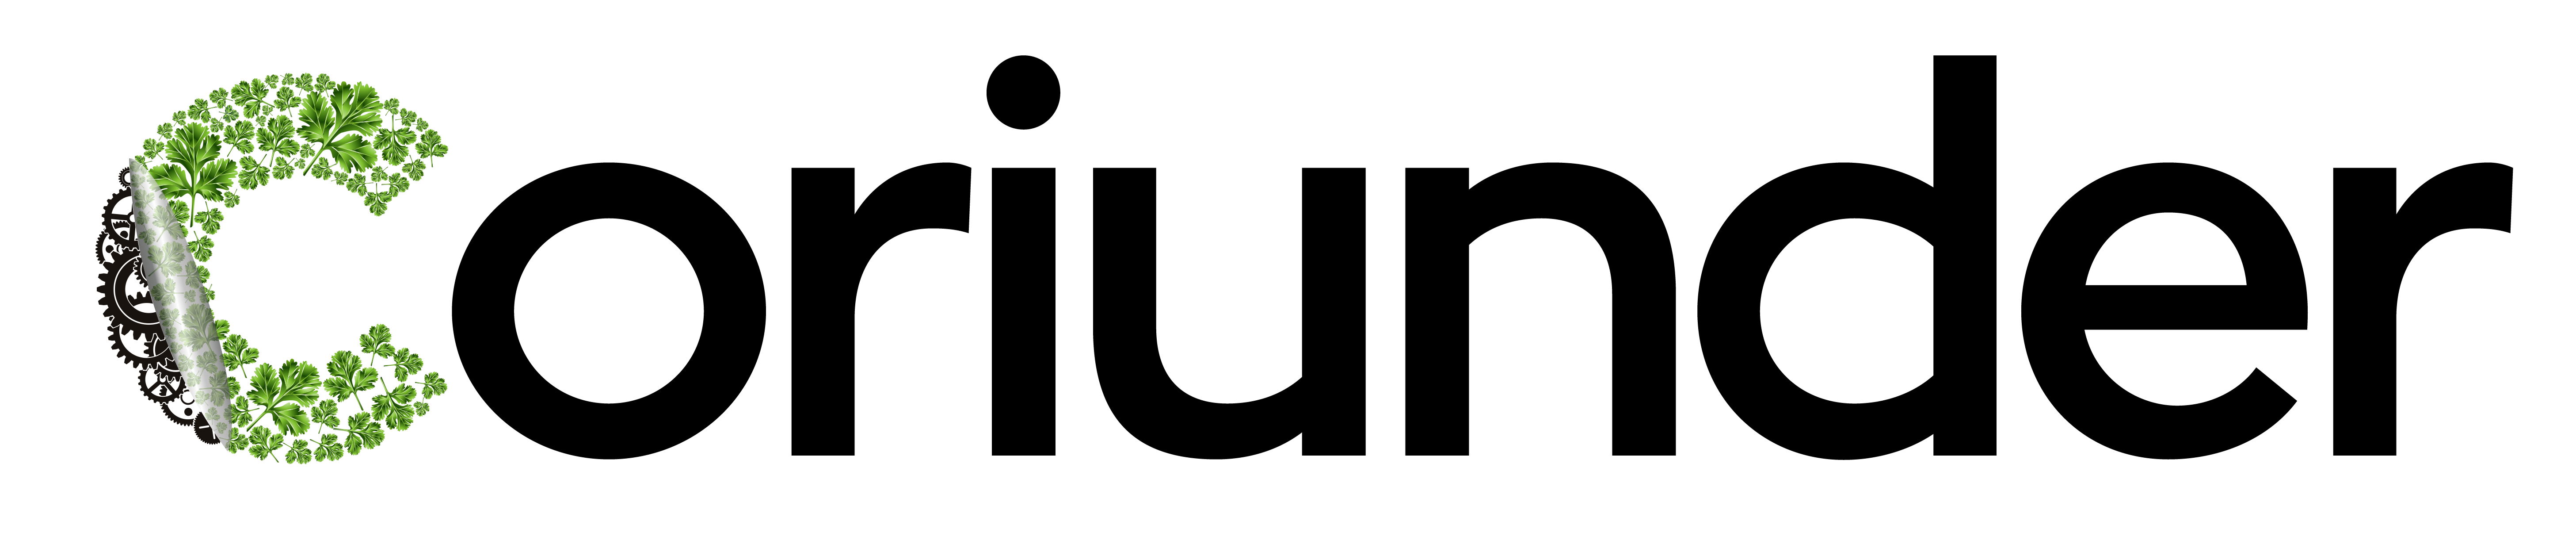 Coriunder